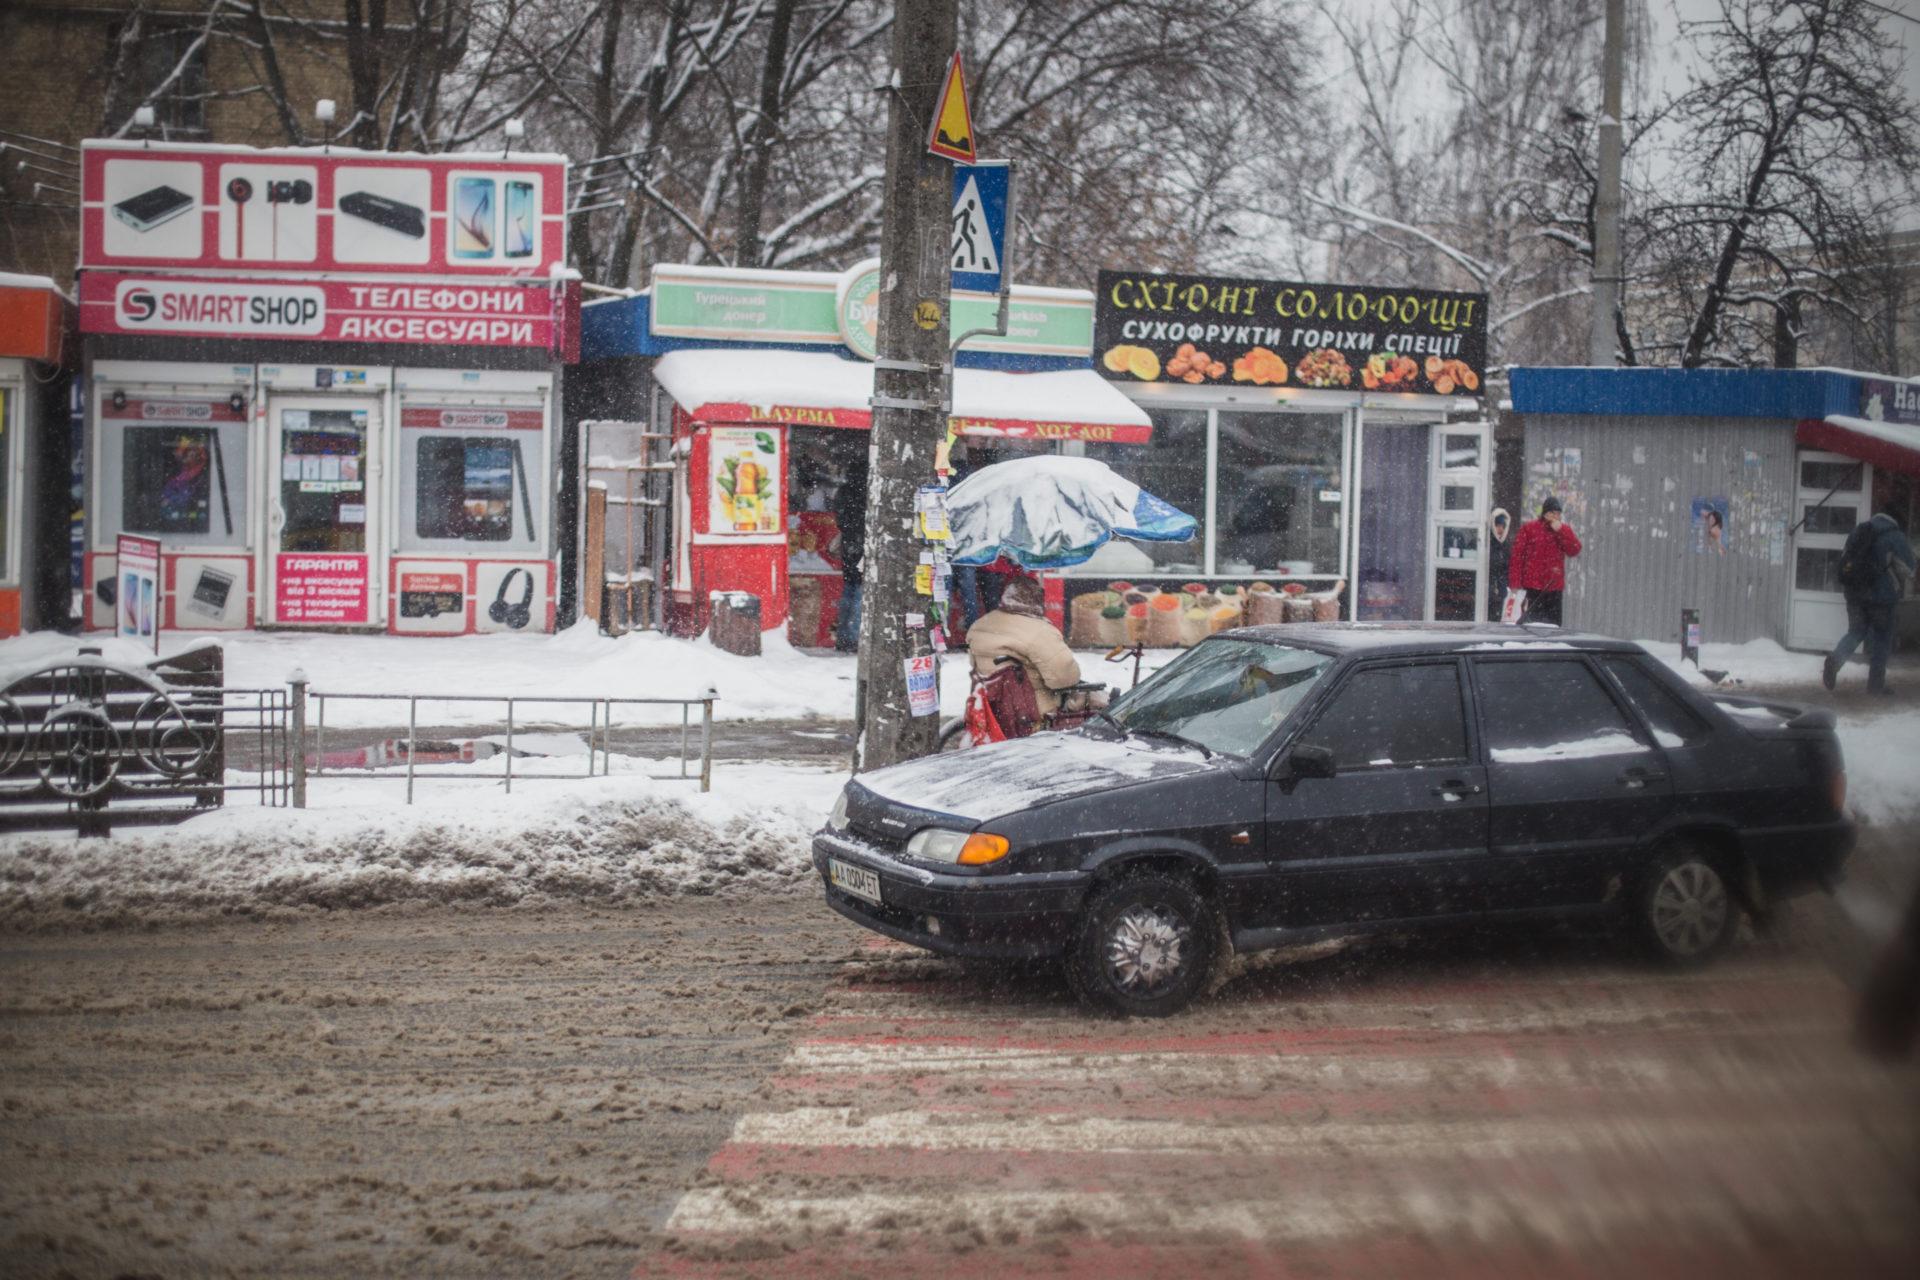 Kiew_IMG_1456_Carolin-Weinkopf